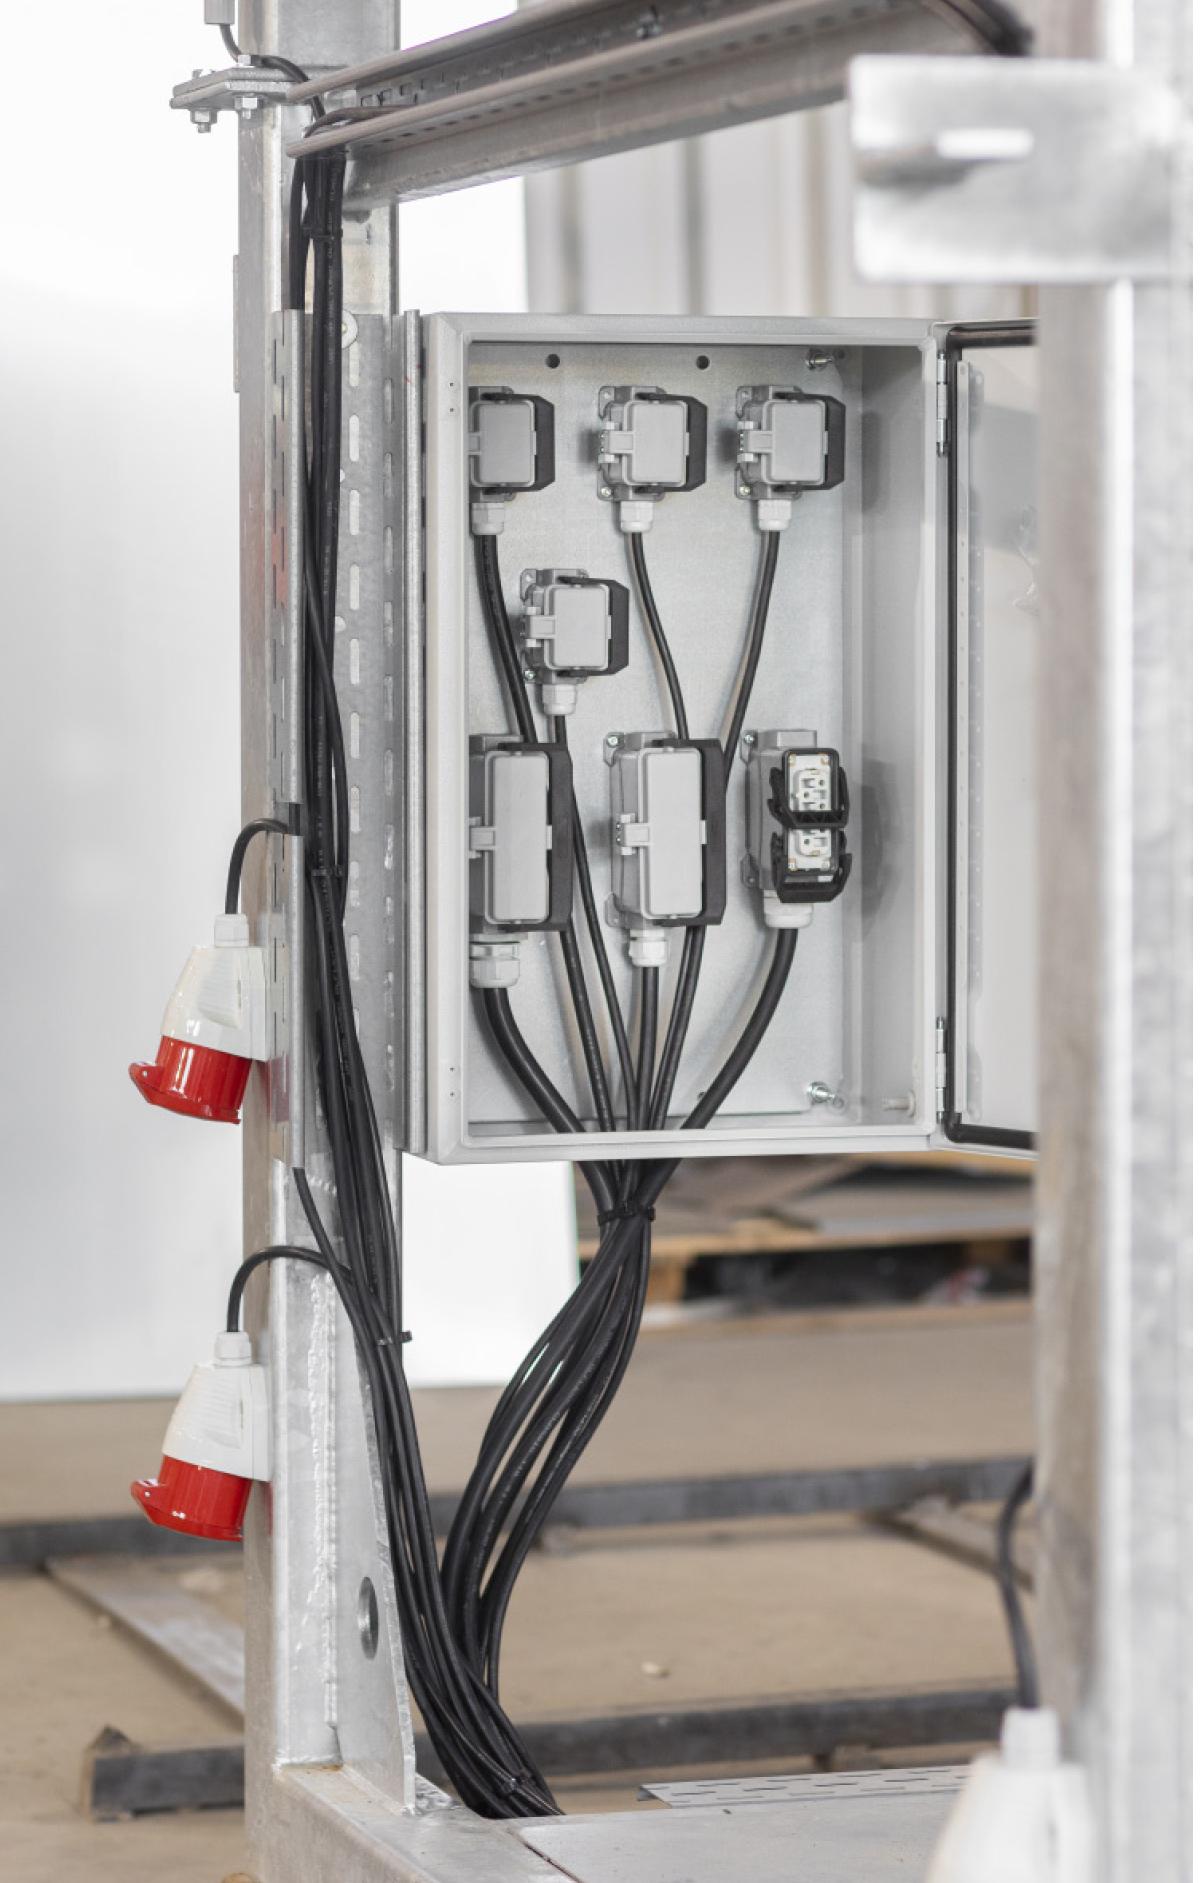 Modularer Aufbau ermöglicht eine flexible Konfiguration und einen schnellen Auf- und Umbau